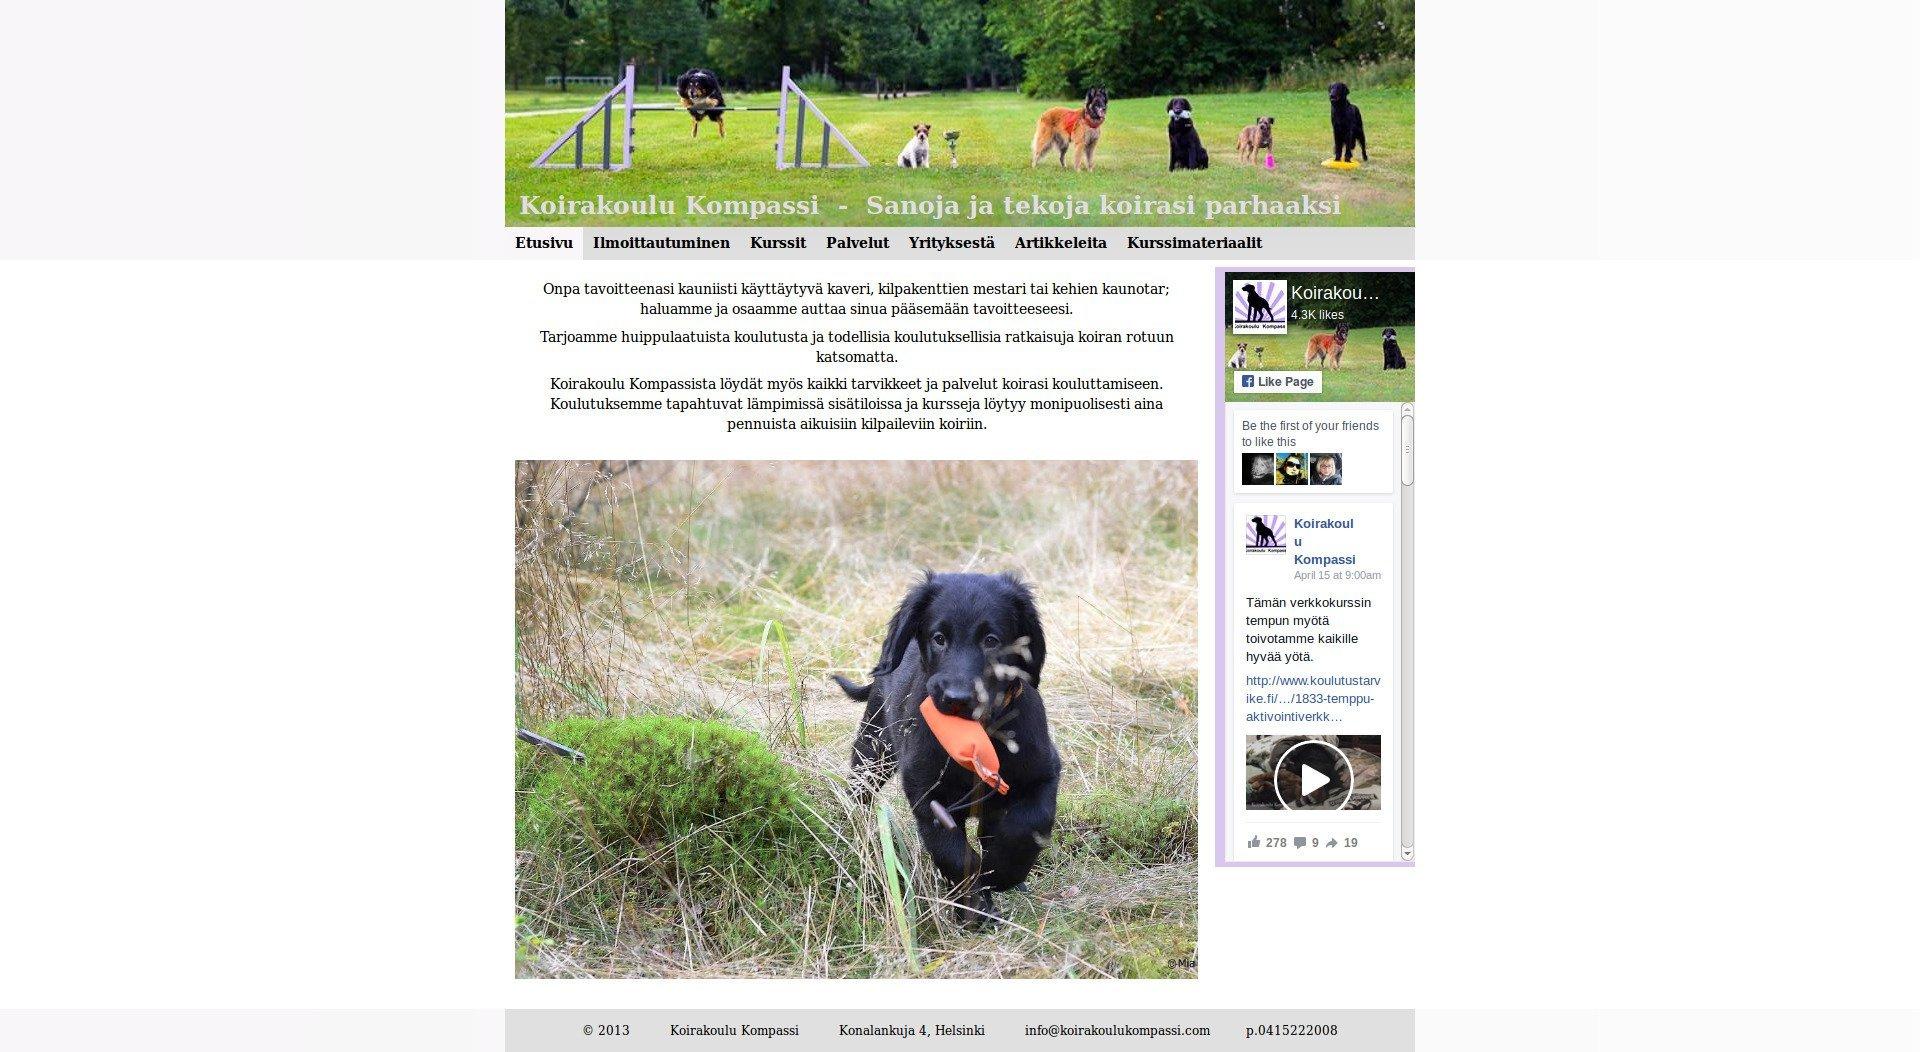 Koirakoulu kompassi kokemuksia – Uimapuvut ja alusvaatteet